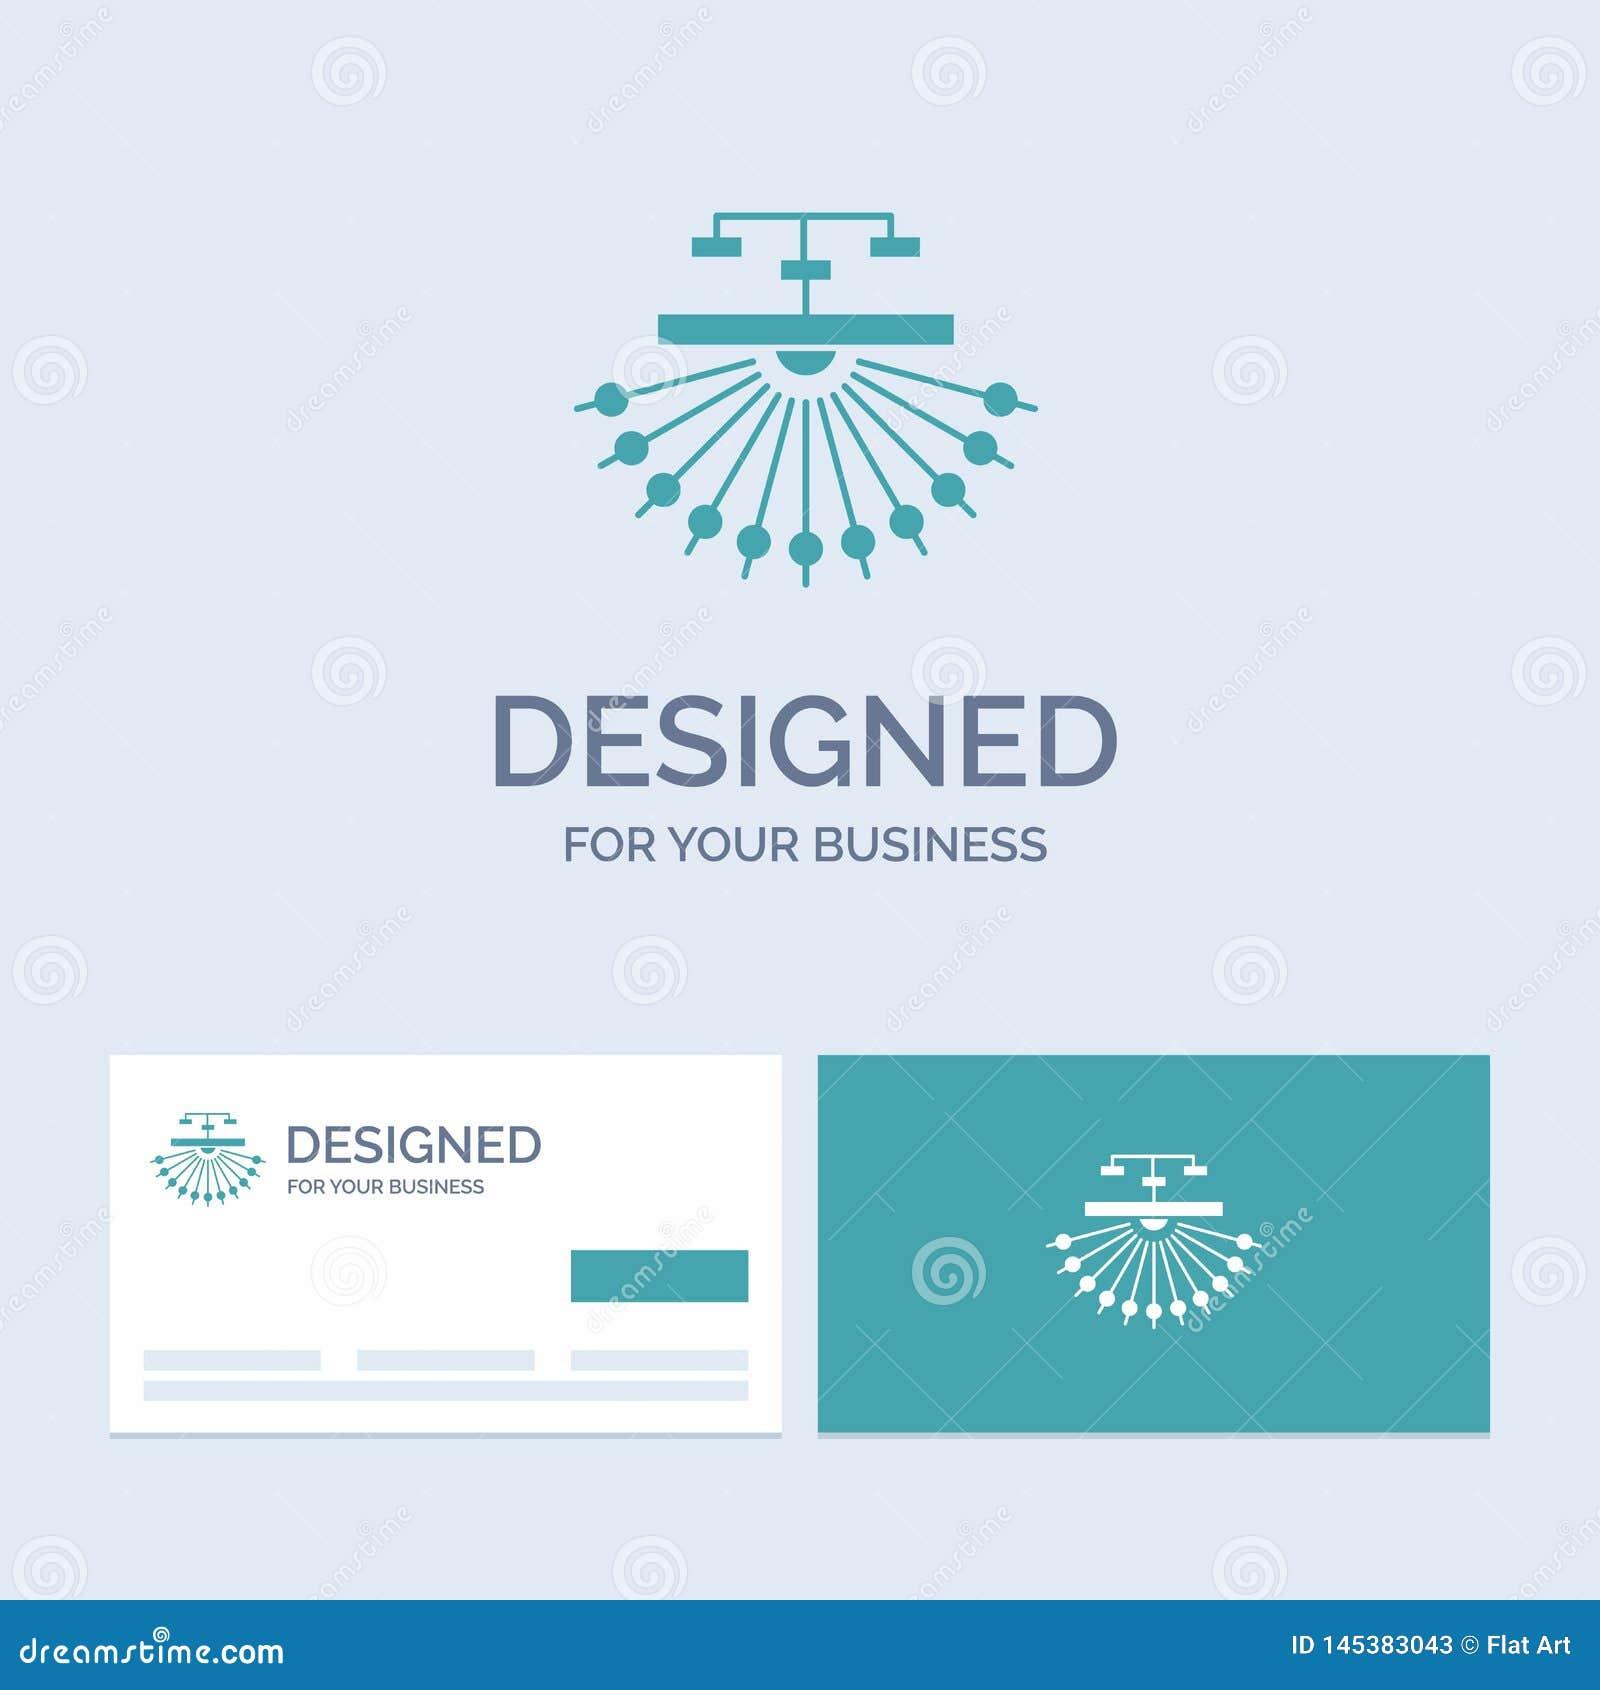 Optimalisering, plaats, plaats, structuur, Webzaken Logo Glyph Icon Symbol voor uw zaken Turkooise Visitekaartjes met Merk